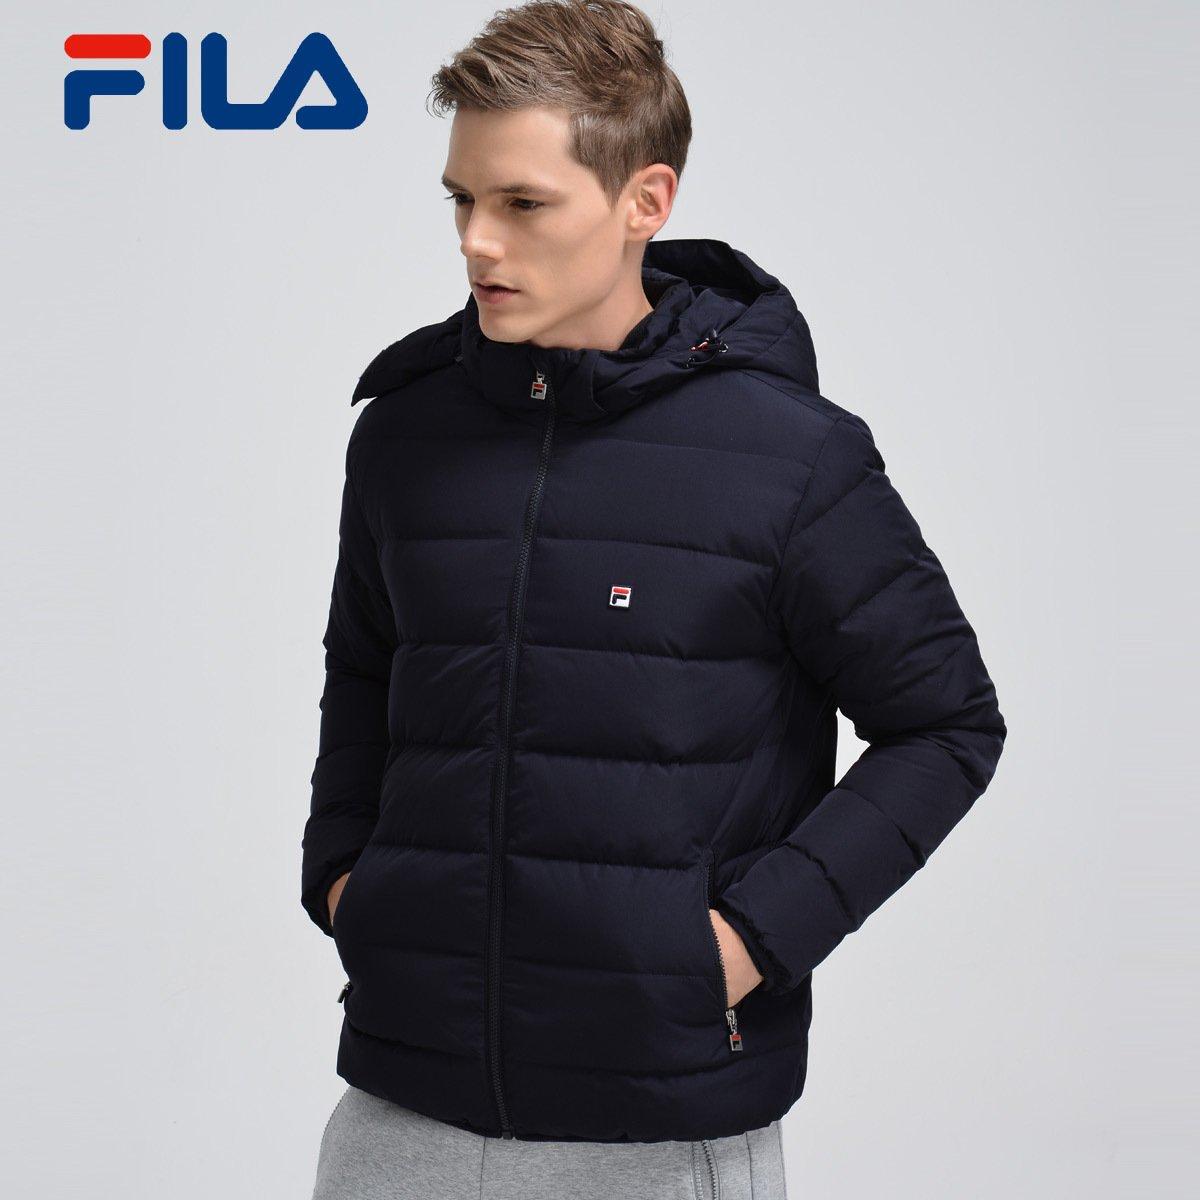 FILA фиджи музыка мужчина пальто 2017 новый зимний осенний анти тепло ветер съемный крышка куртка мужчина 25743963E